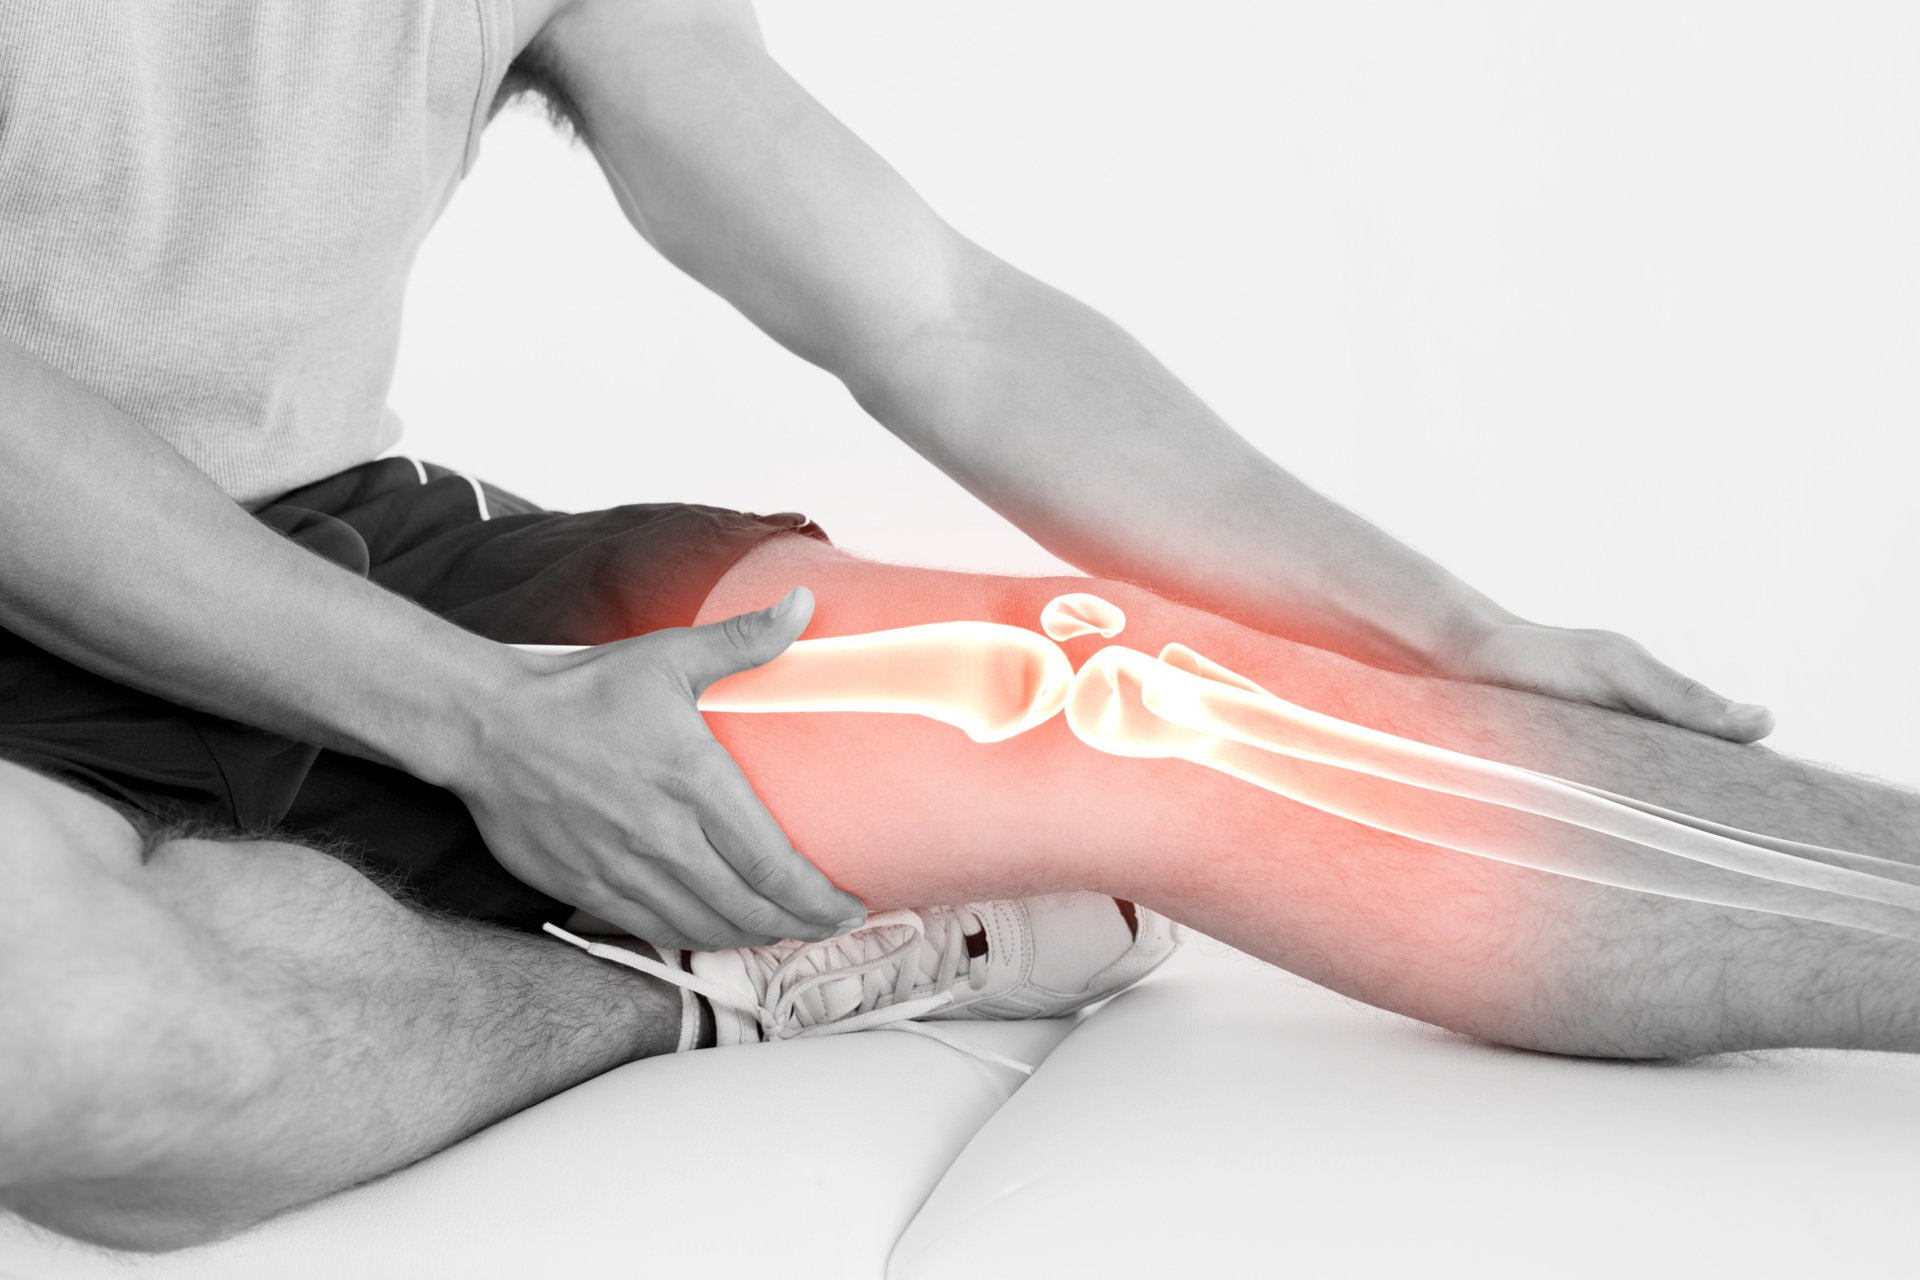 nuo skausmo į į liaudies gynimo rankų sąnarių gydymas osteoartrito ne pablogėjimą